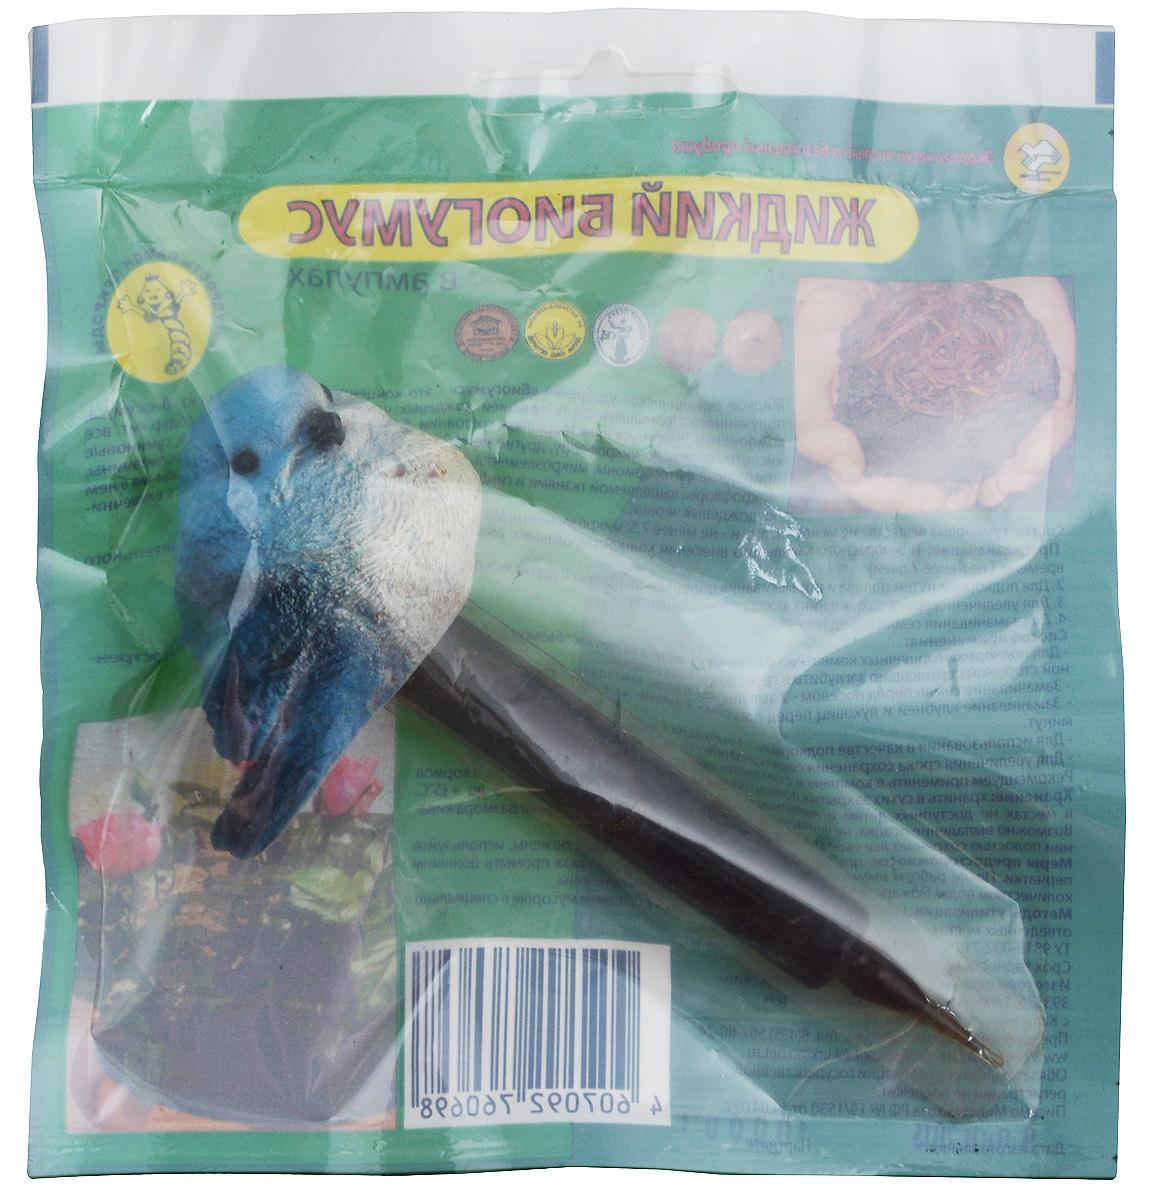 Удобрение Поля Русские Биогумус, в ампулах, цвет: голубой, 10 мл681_голубойЖидкое органическое удобрение Поля Русские Биогумус - это концентрированная вытяжка из биогумуса, полученного промышленной популяцией дождевых червей. Жидкое удобрение содержит все компоненты биогумуса в растворенном состоянии, биологически активные вещества, гуминовые кислоты, полезную микрофлору, другие метаболиты дождевых червей, аминокислоты, витамины, природные фитогормоны, микроэлементы. Эффект удобрения достигается за счет наличия в нем микрофлоры, выделяемой тканями и симбиотными микроорганизмами, находящимися в кишечнике дождевых червей. Удобрение предназначено для: - подкормки путем полива и опрыскивания овощных, цветочных и других культур, - увеличение срока сохранения свежесрезанных цветов, - замачивание семян перед посевом. Биогумус находится в пластиковой ампуле, которая украшена декоративным наконечником в виде птички. Состав: гуминовые вещества - не менее 3 г/л, pH - не менее 7,5, микроэлементы: Mg, Fe, B, Mn, Cu, Mo, Zn. ...